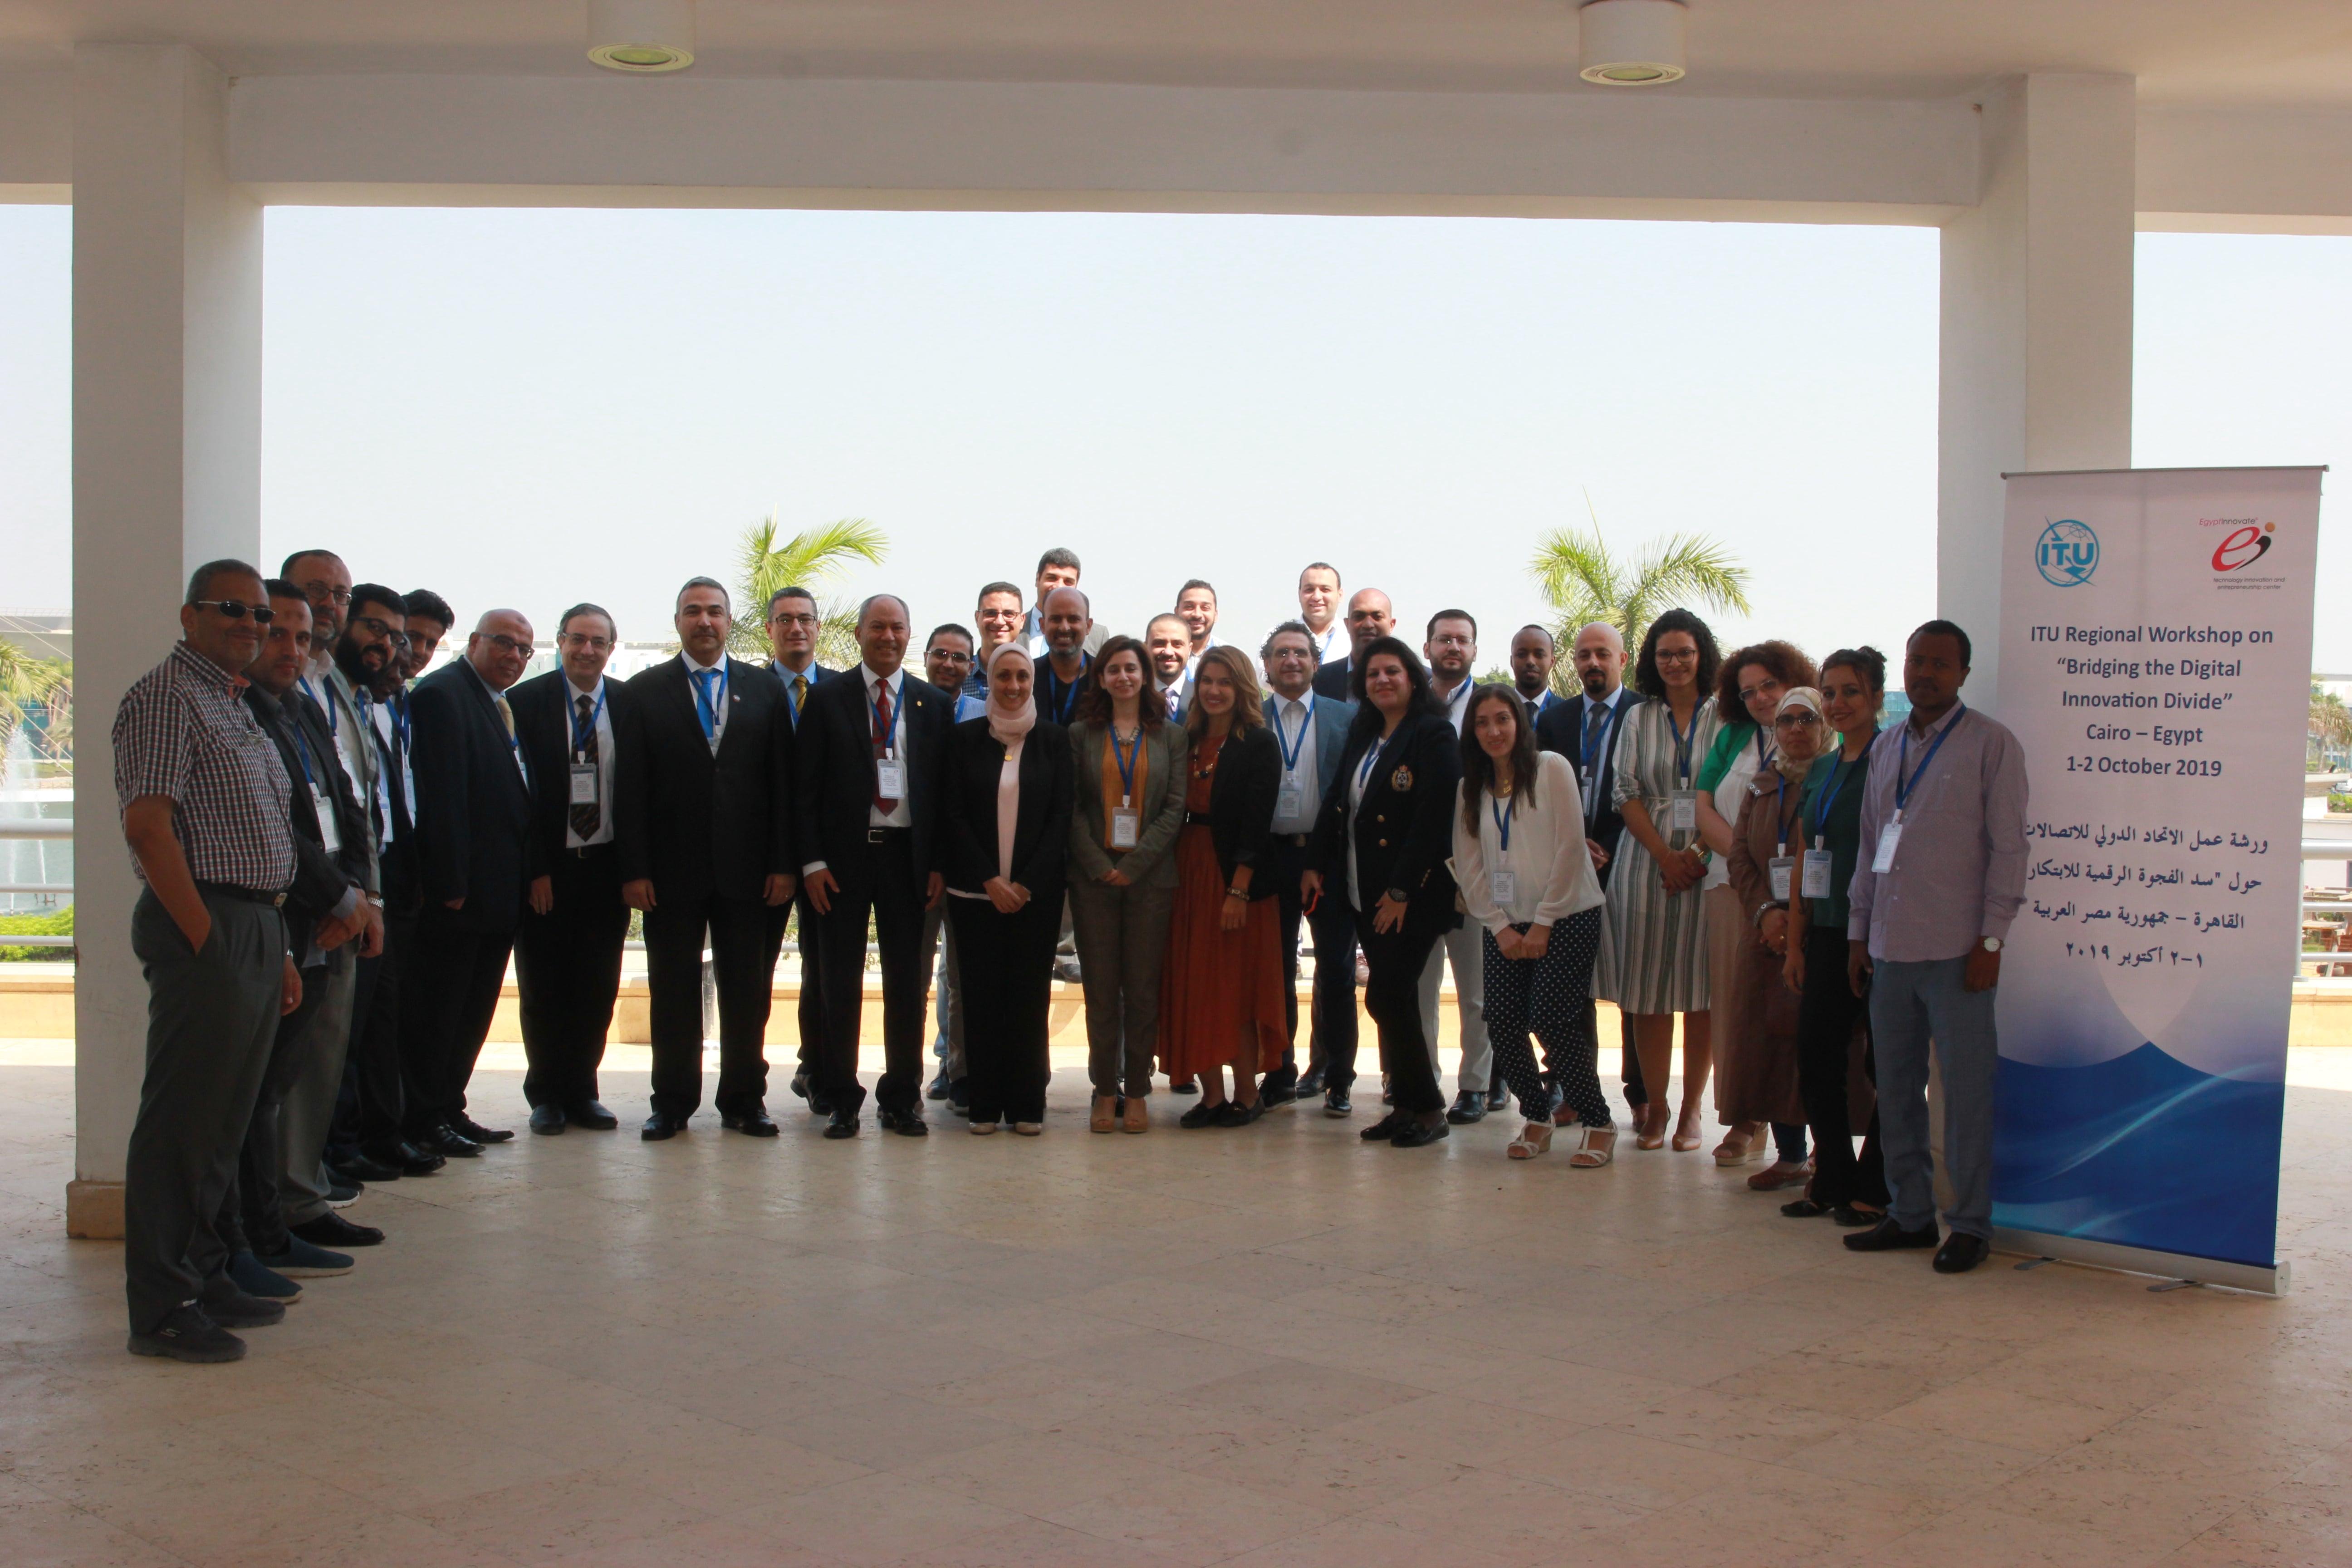 TIEC & ITU Hold a Workshop on Bridging the Digital Innovation Divide